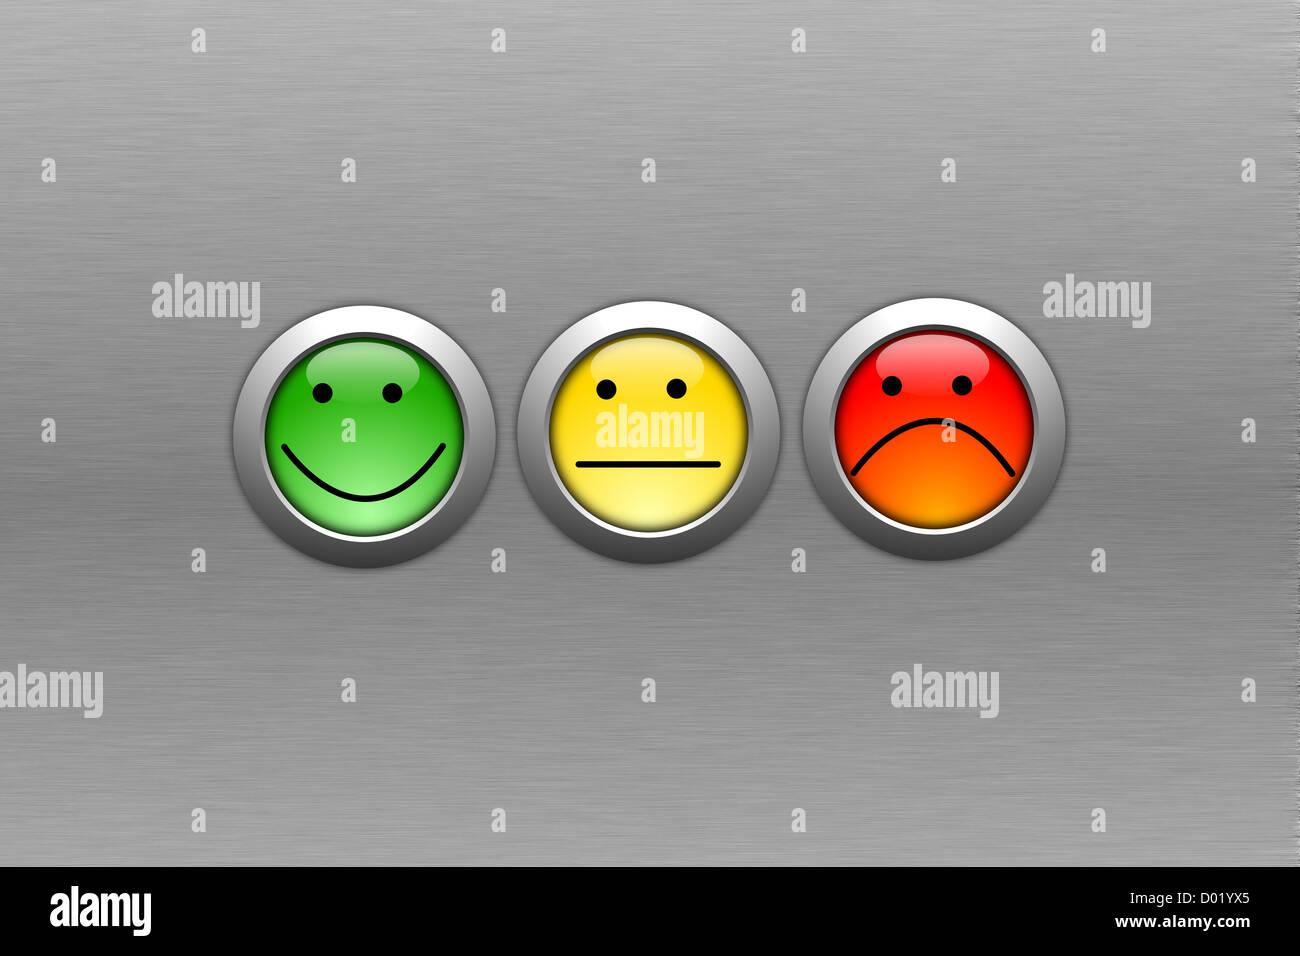 Enquête de satisfaction client concept avec smilie et bouton Photo Stock